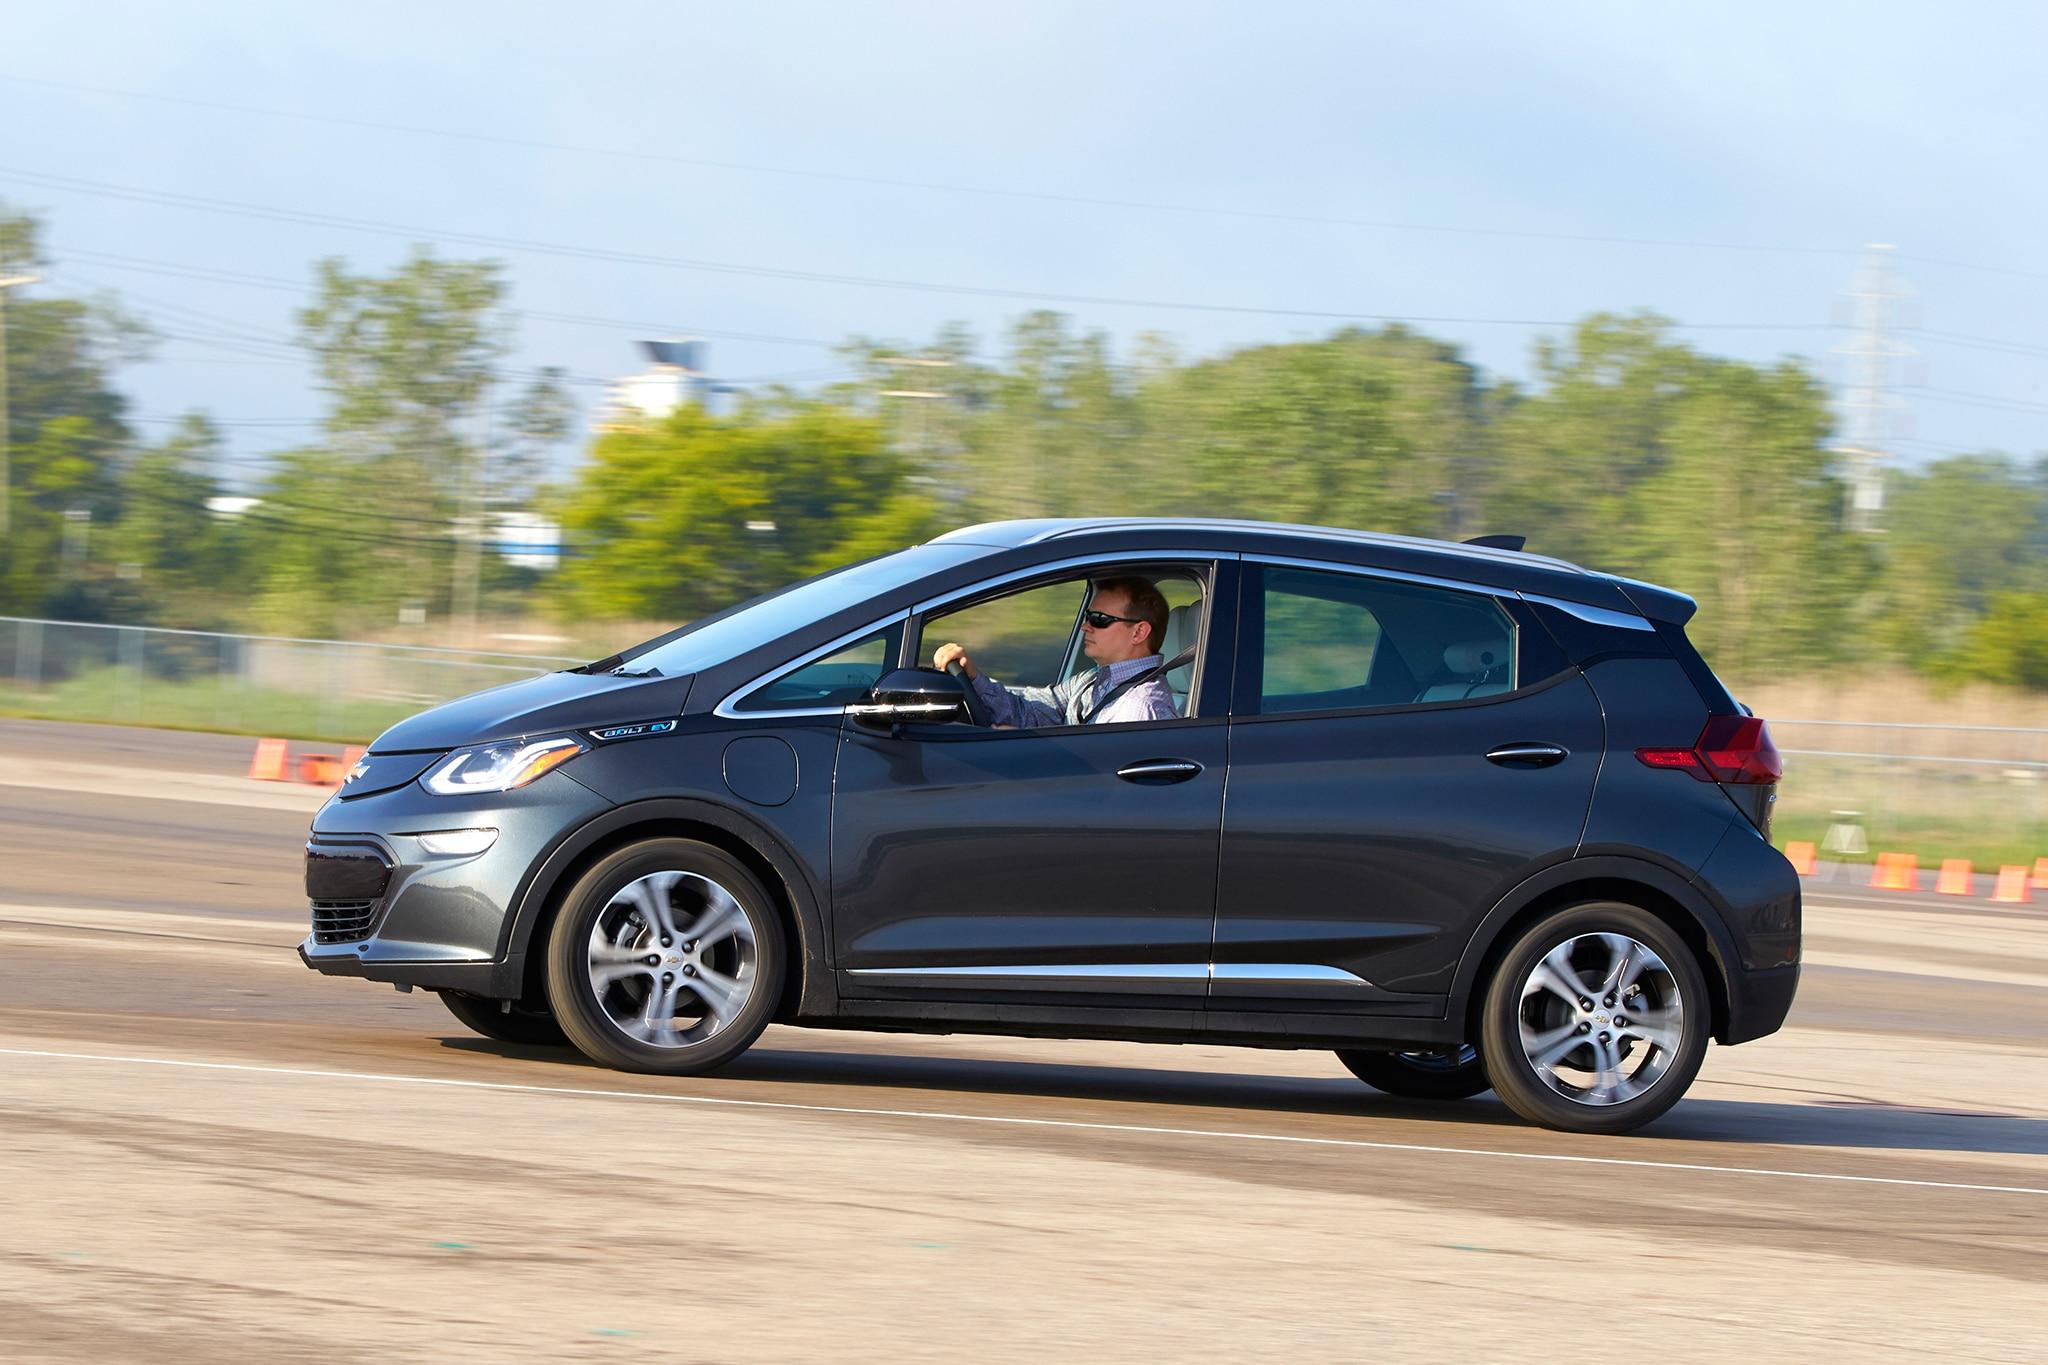 2017 Chevrolet Bolt EV Side Profile In Motion 01